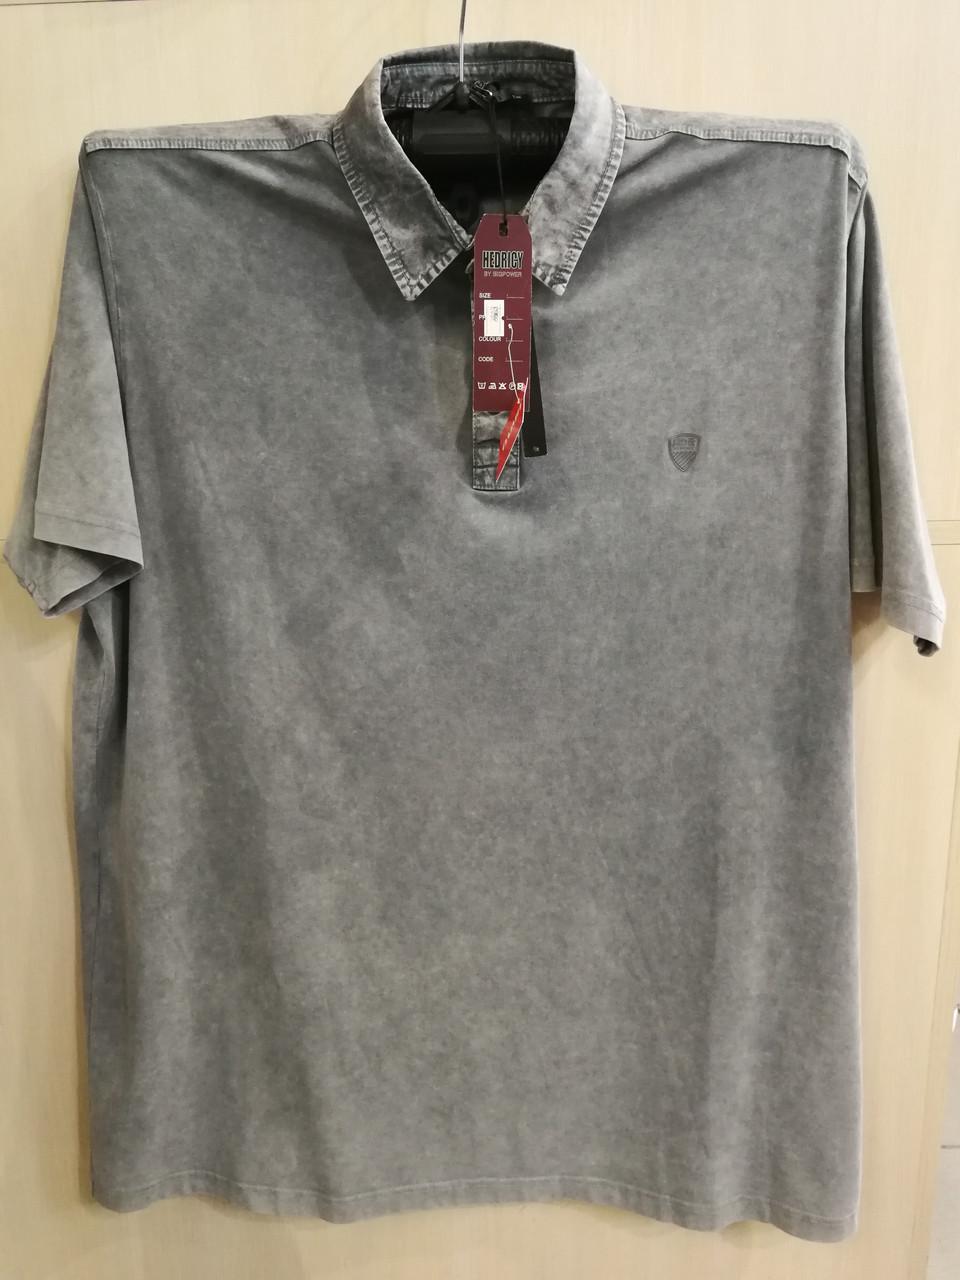 fbcfff4c3d9f0 Турецкая мужская футболка большого размера - Магазин Олимп 0509660354 в  Полтаве